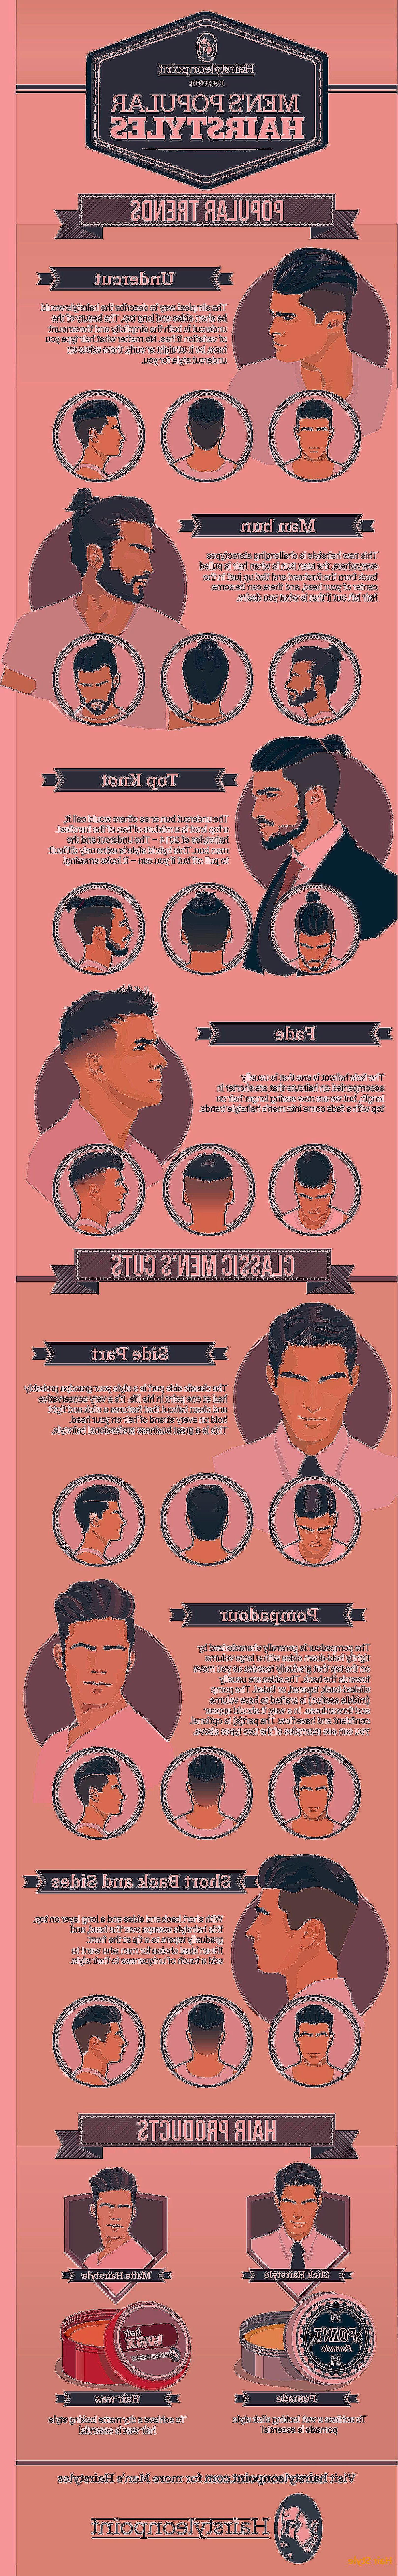 Elegante Jungen Frisur einfach #jugendlichjunge #kinderfrisuren #coolefrisuren #…